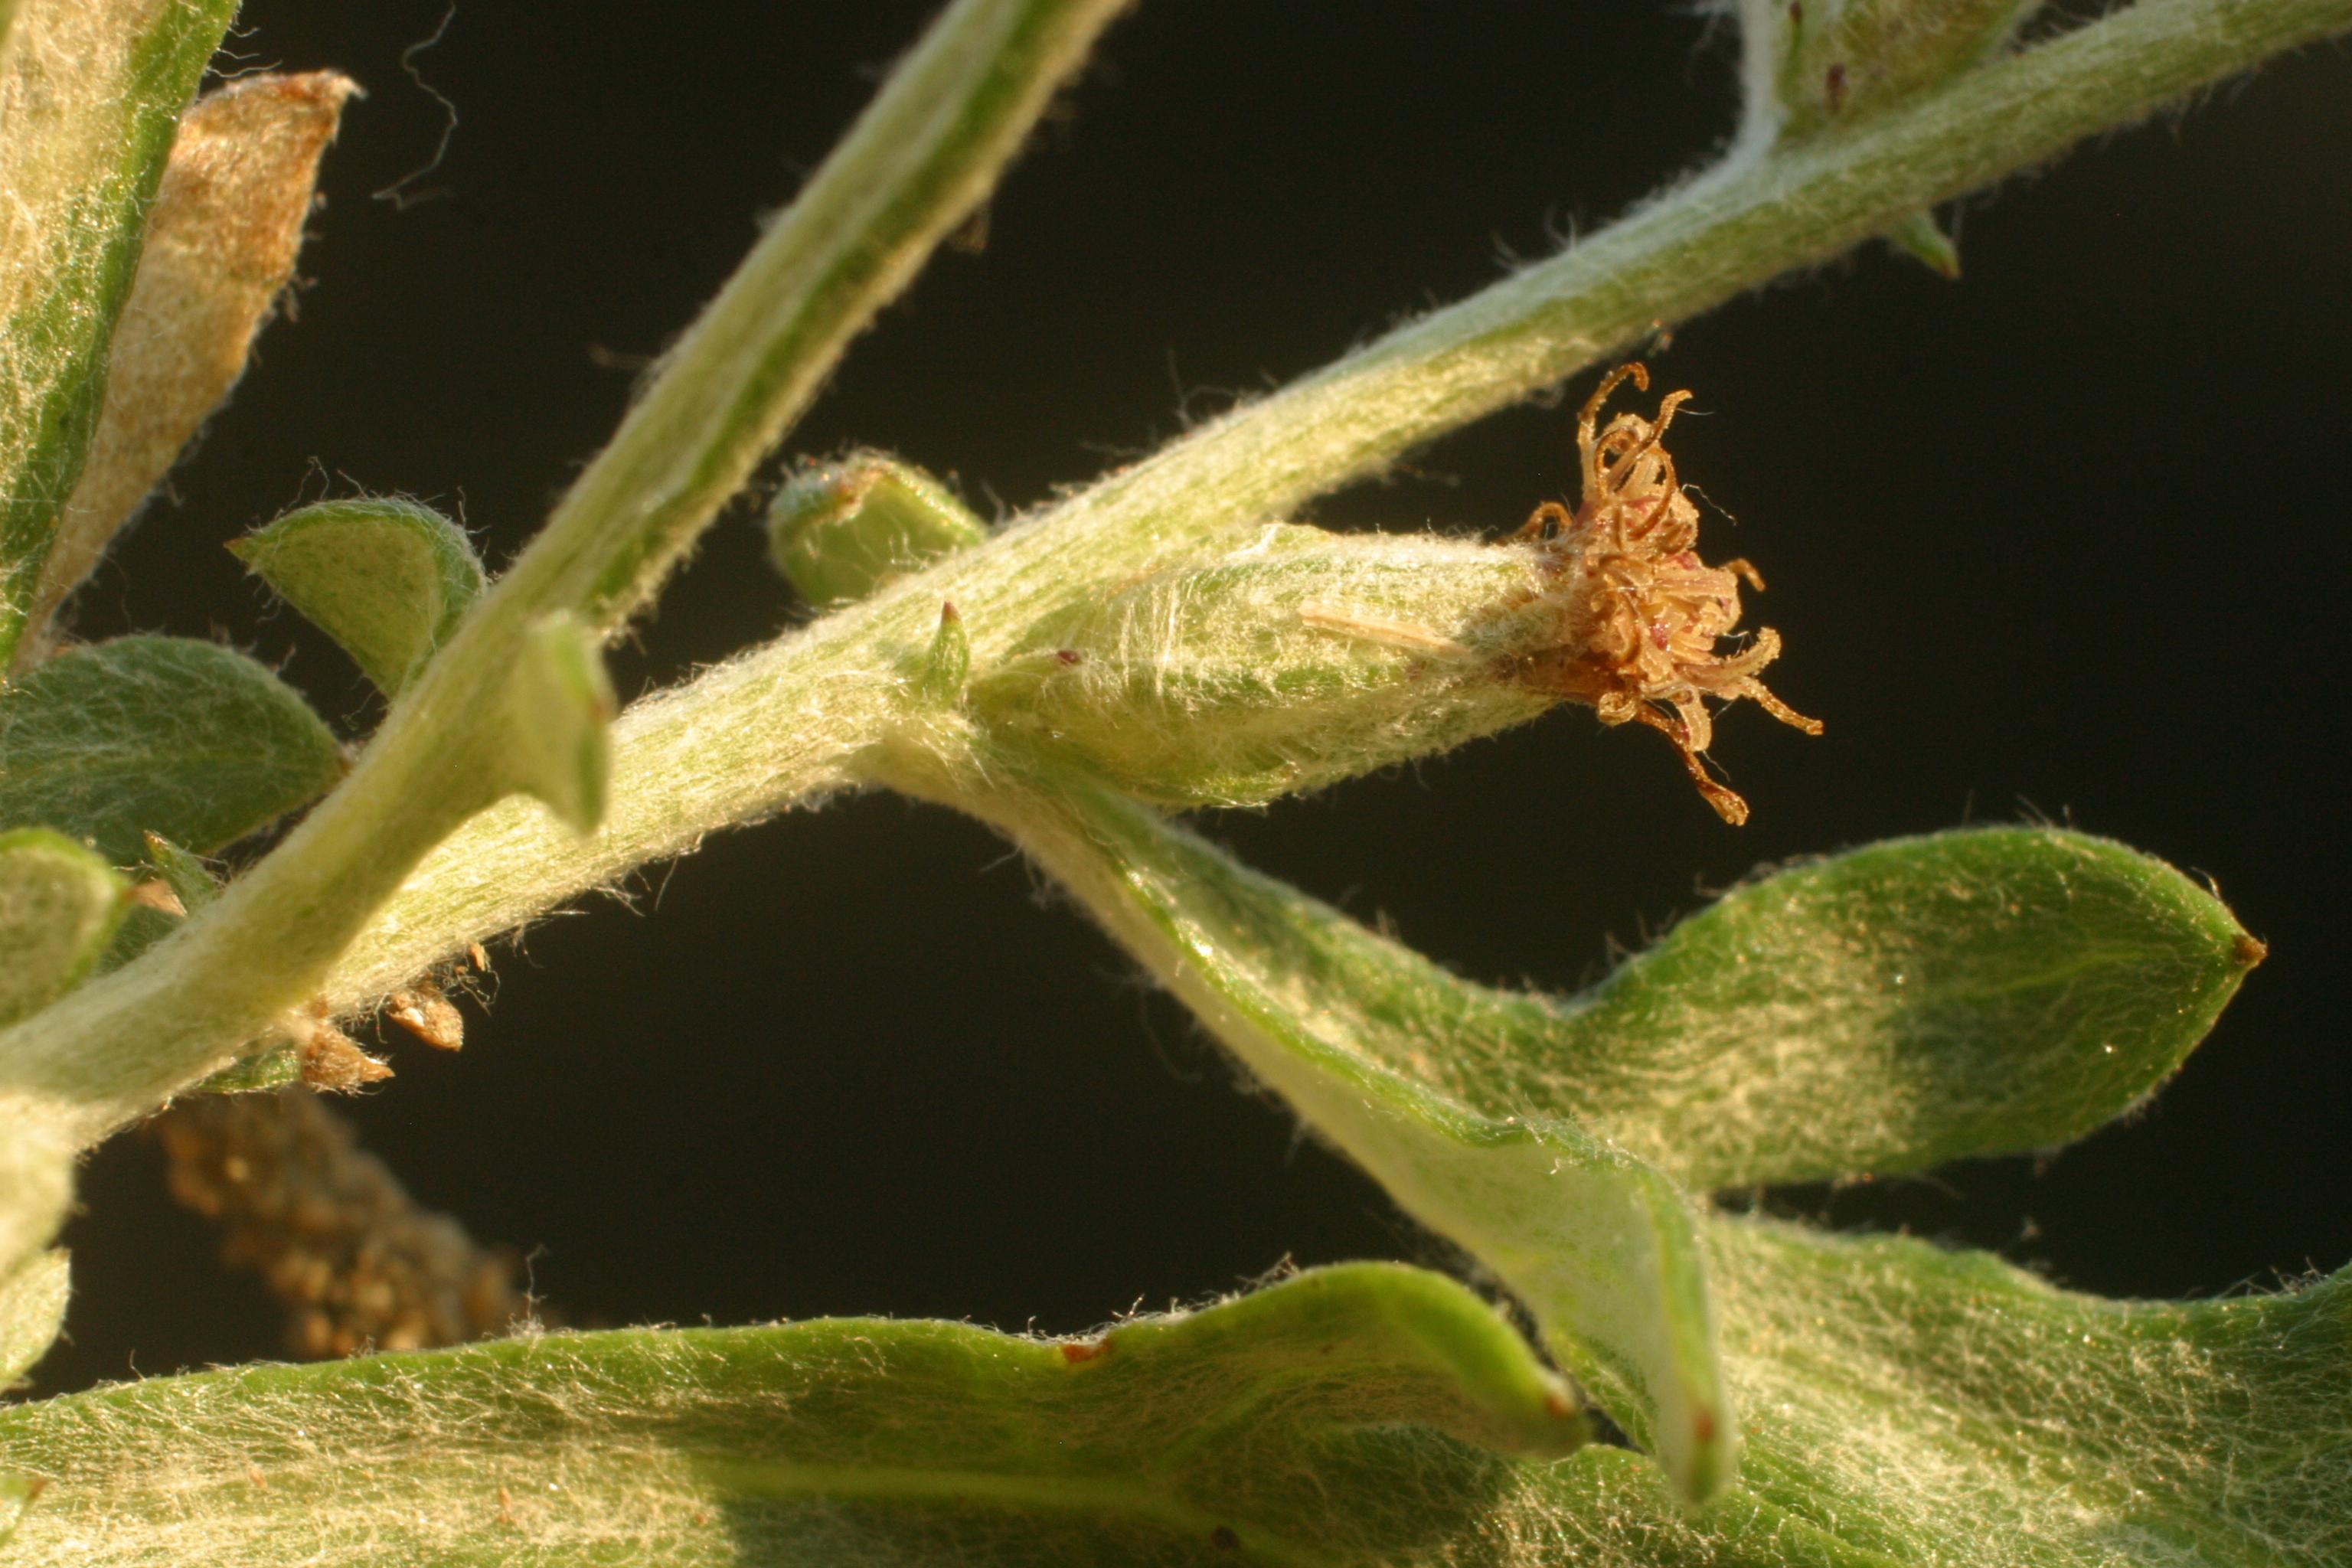 view image: Artemisia mongolica (Bess.) Fisch. ex Nakai